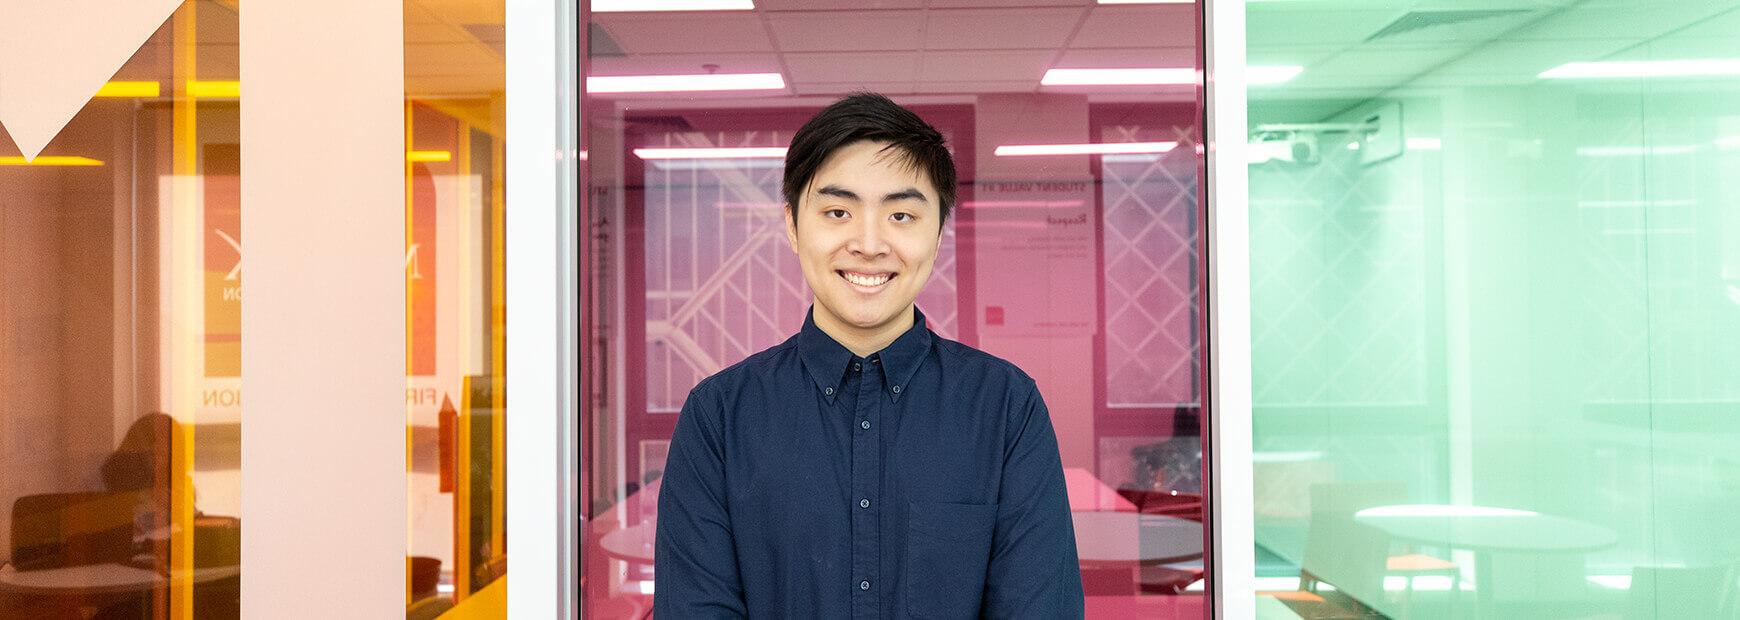 blog-hacks-tim-li-tim-li-hacks-overcoming-time-management-banner-image-tim-standing-smiling-in-front-of-coloured-background